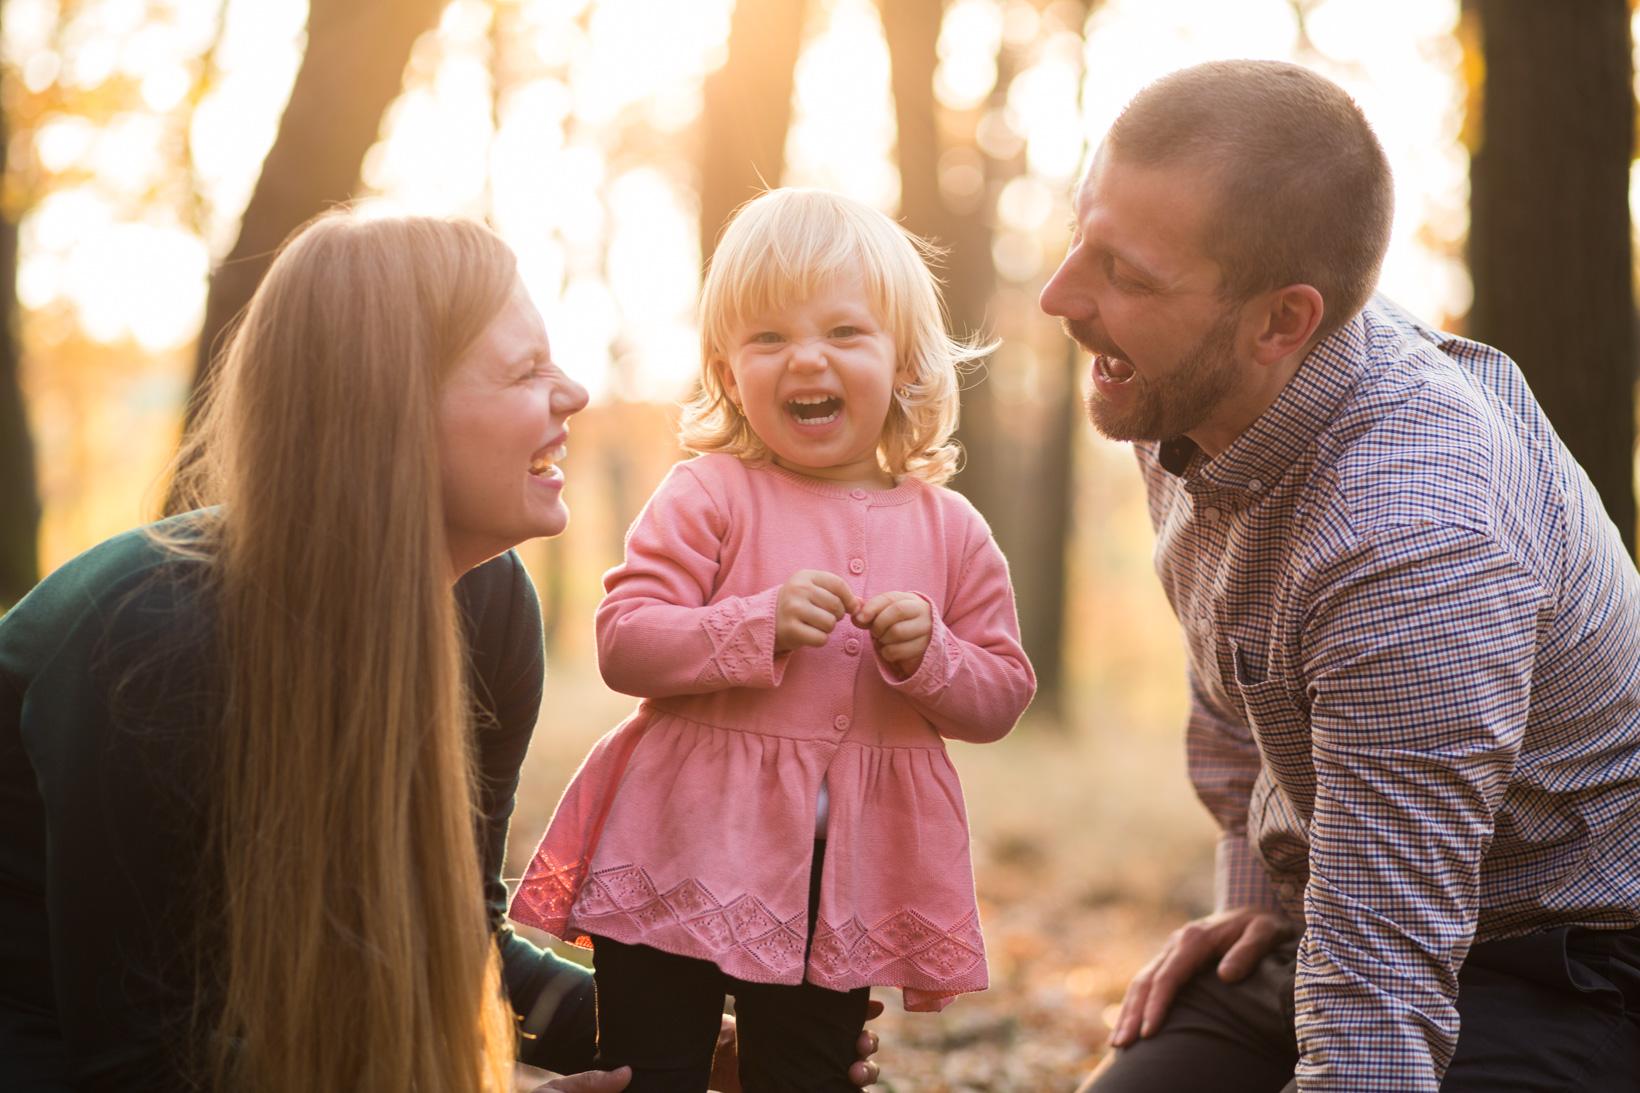 Lifestyle rodinné focení v přírodě s dětmi na procházce